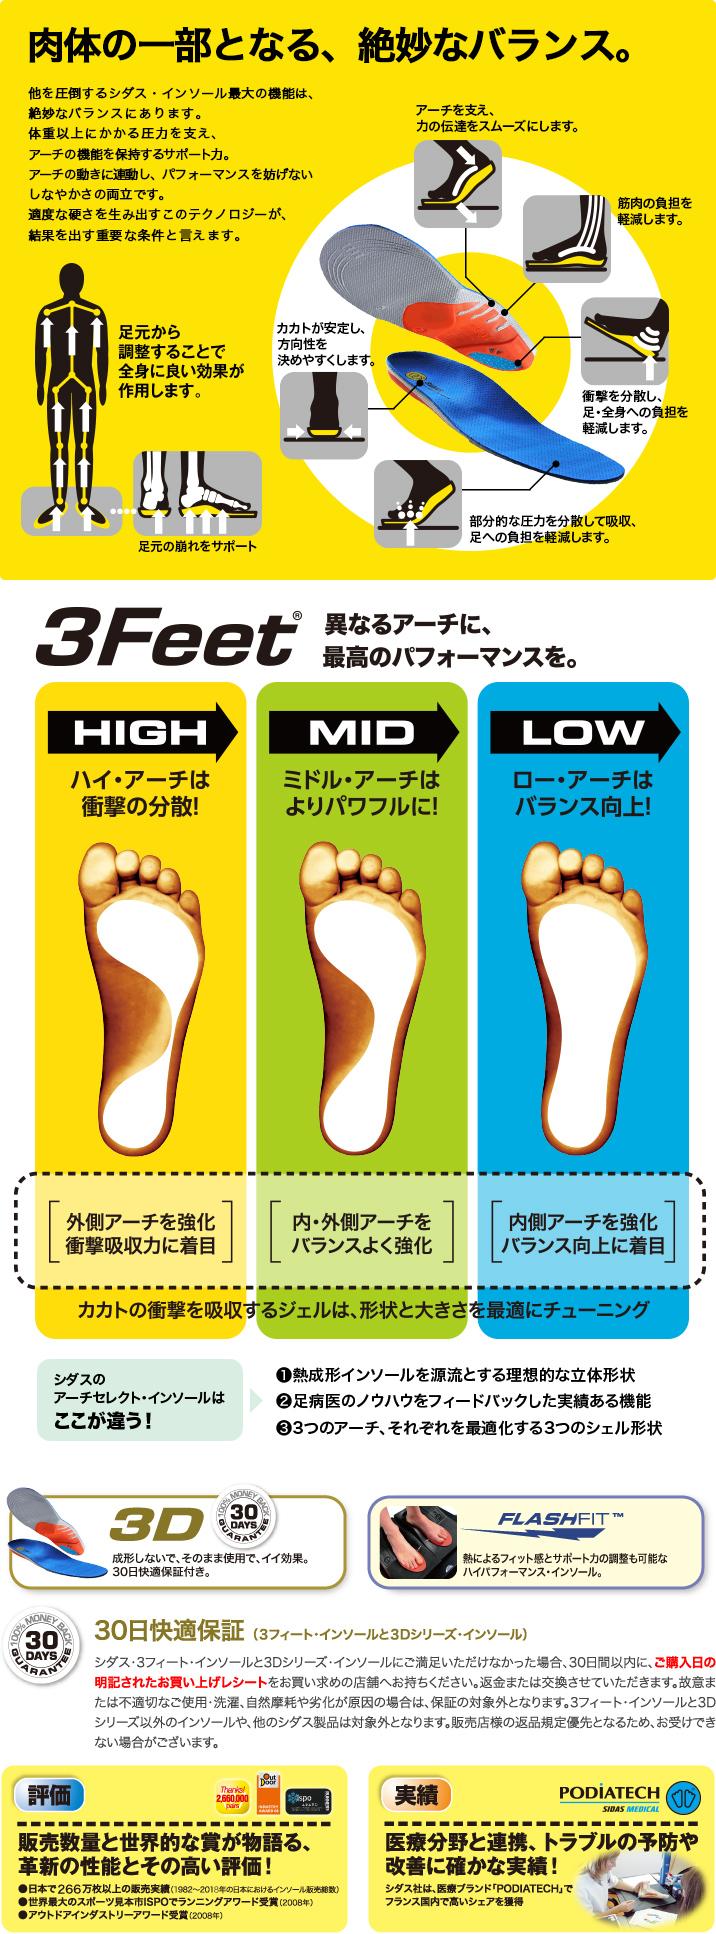 シダス・インソールを使うと・・・足もとから全身へ、こんなイイ効果が!